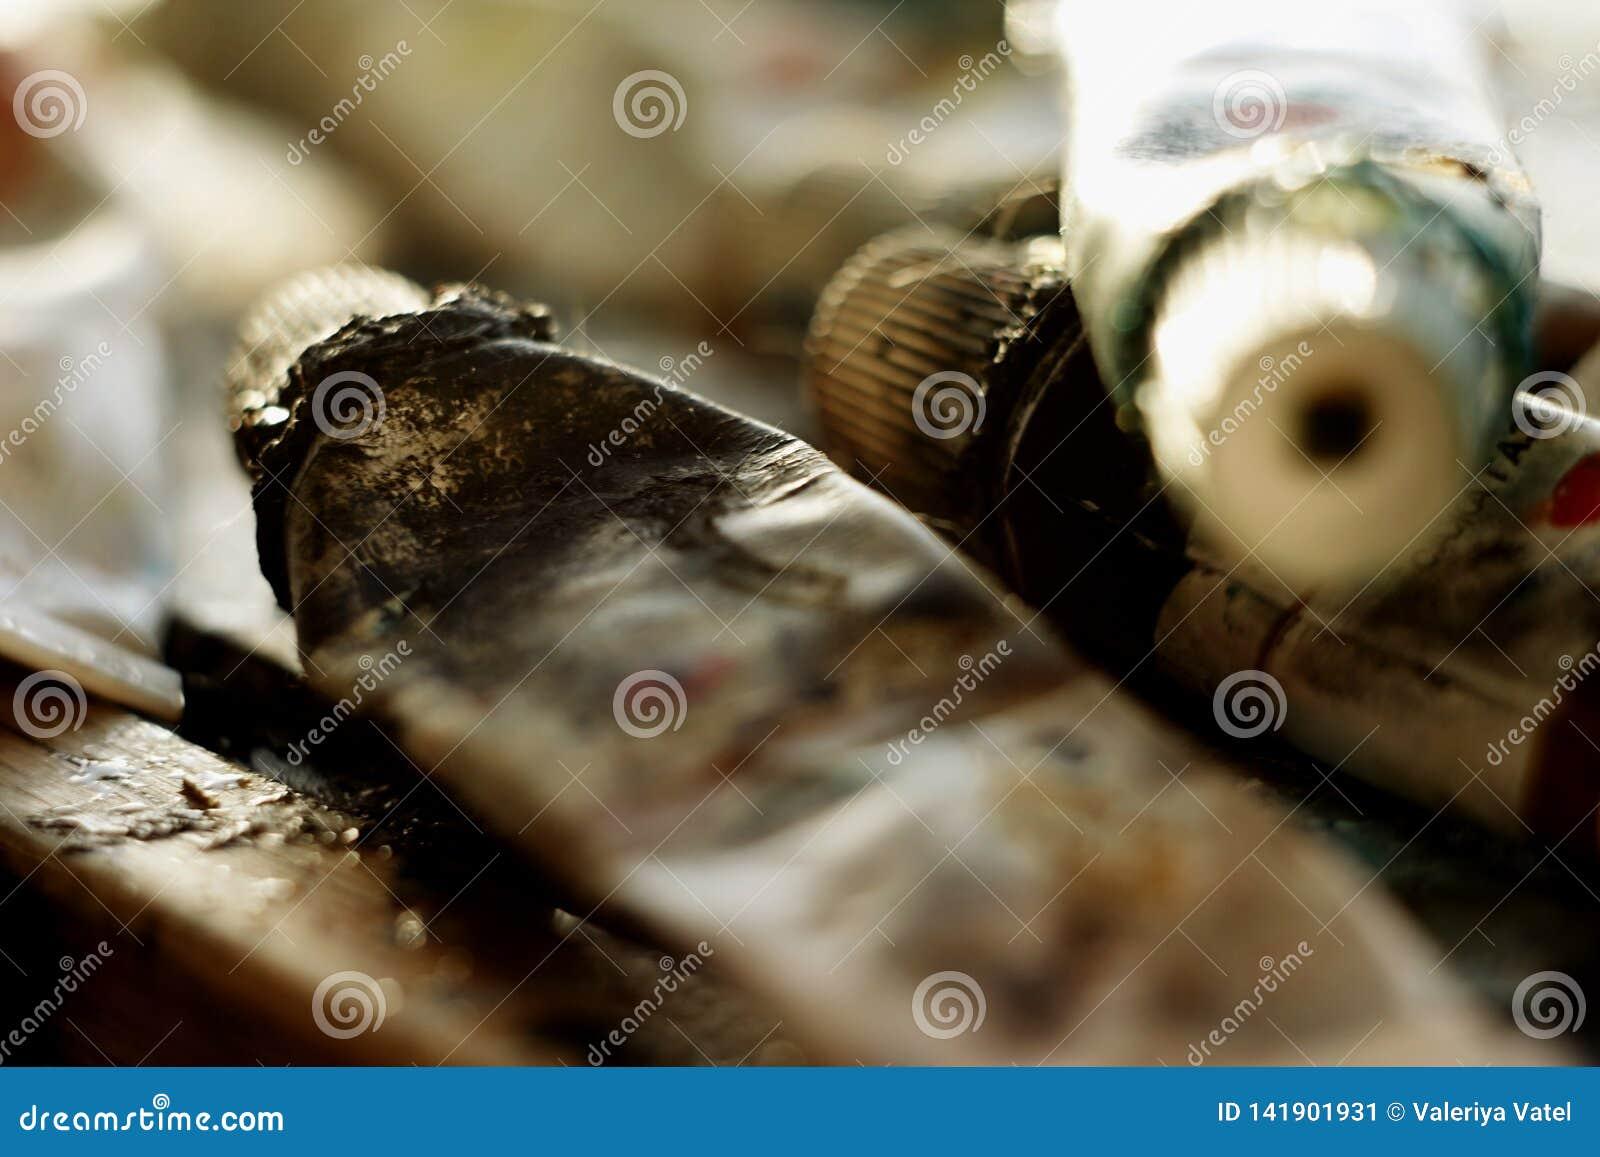 Brudzi tubki rozpraszać w trakcie tworzyć obraz olej